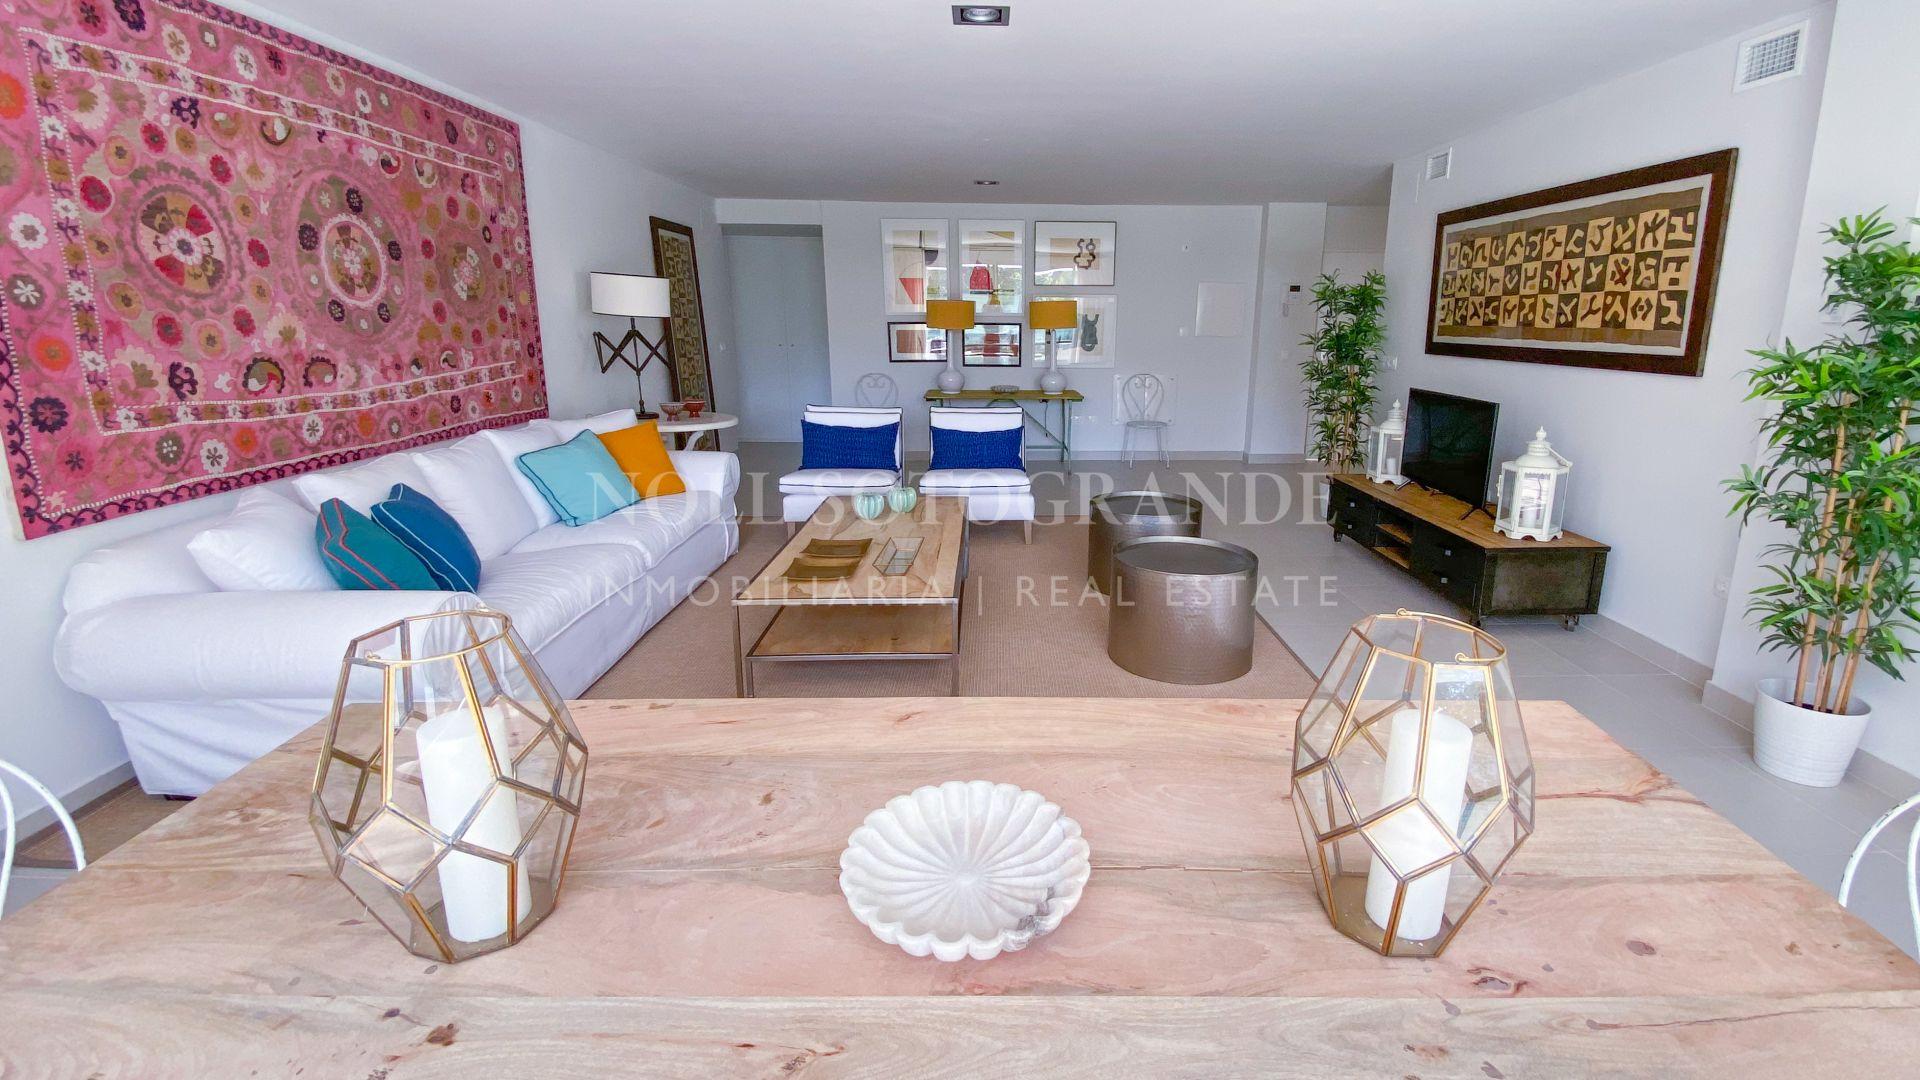 Sotogrande La Reserva new apartments for sale